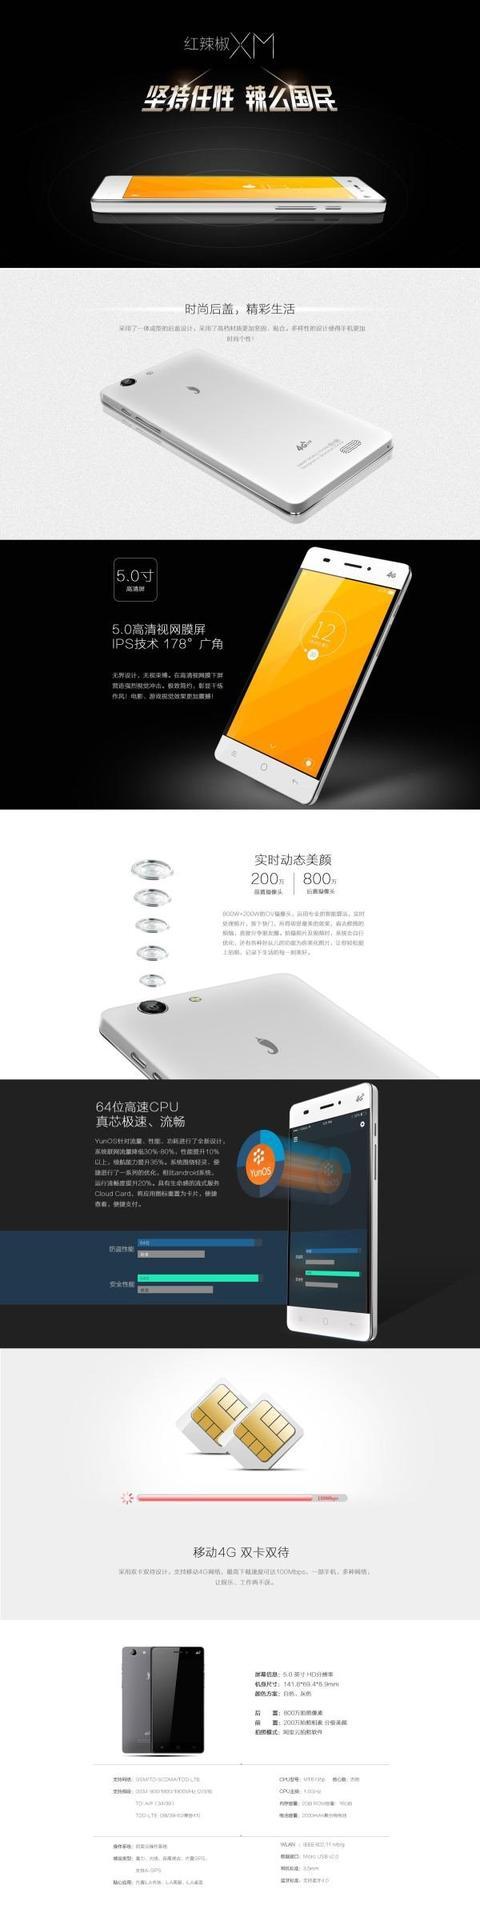 TNEEO P300 5.0寸高清显示屏 超薄机身 直供外单客户